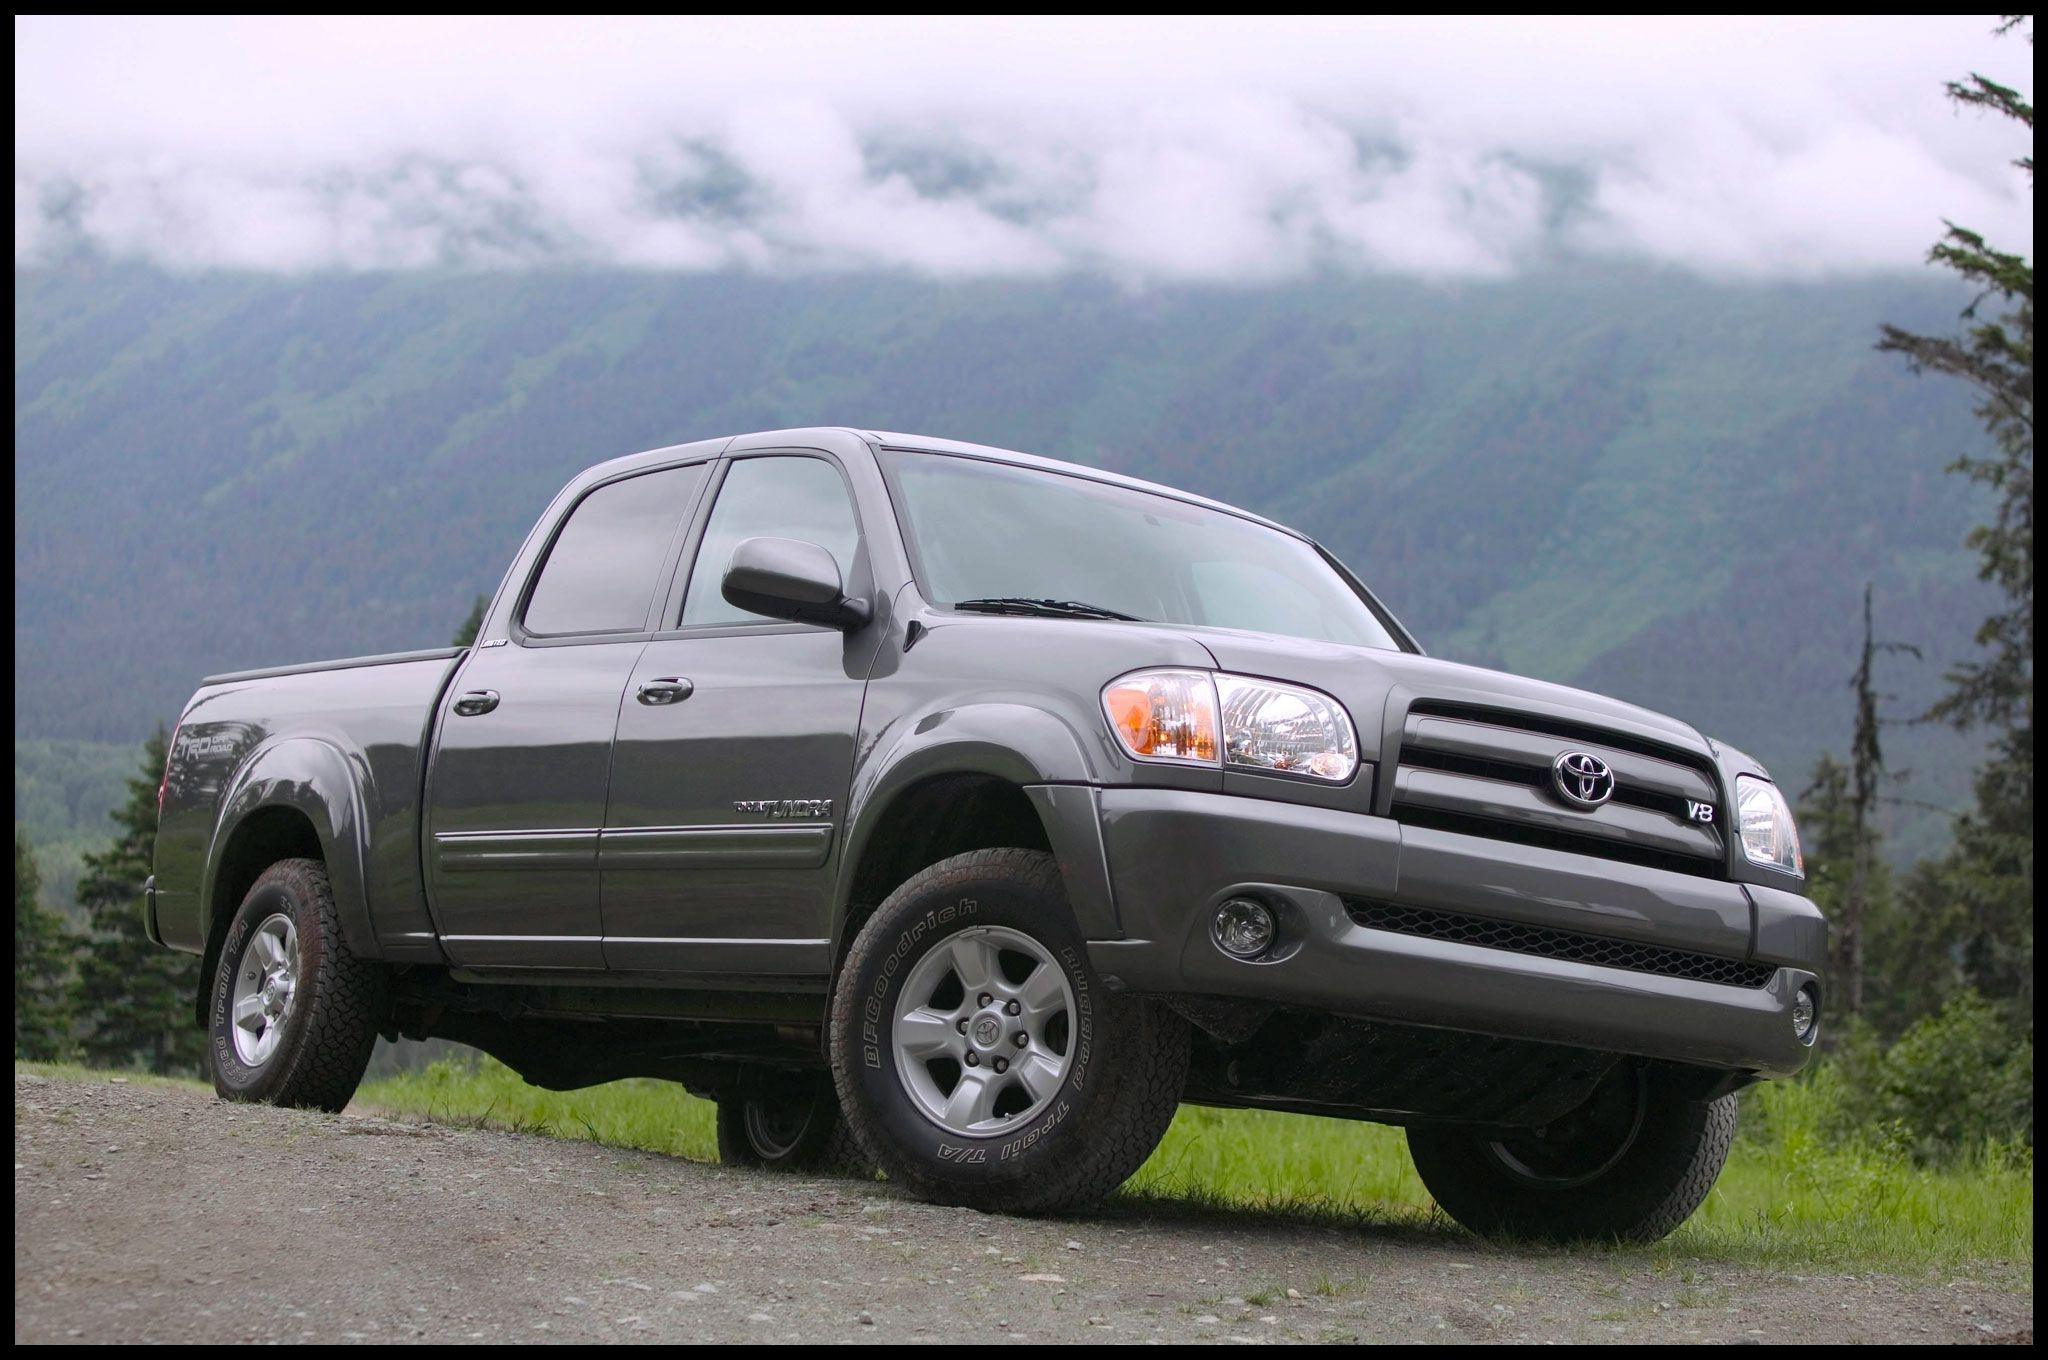 2006 Toyota Tundra Front Angle